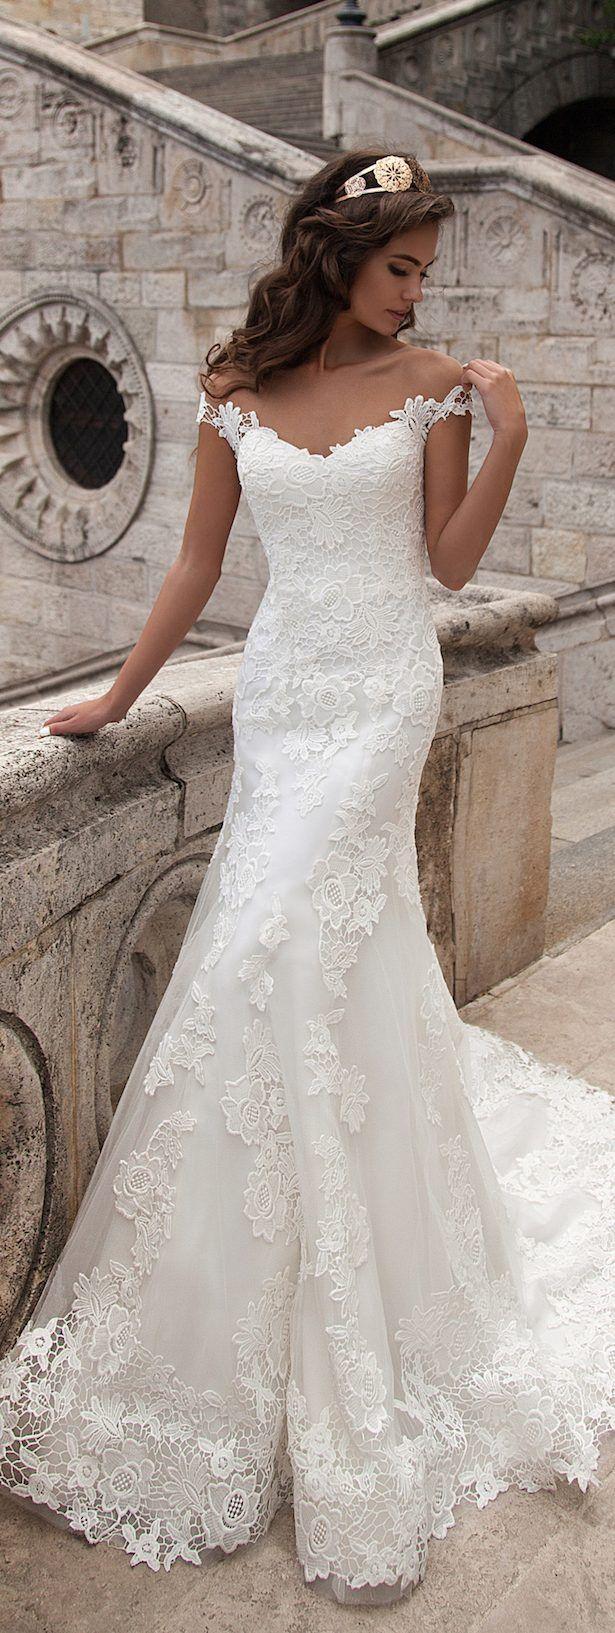 78 best Vestidos de Novi@s images on Pinterest | Hochzeitskleider ...